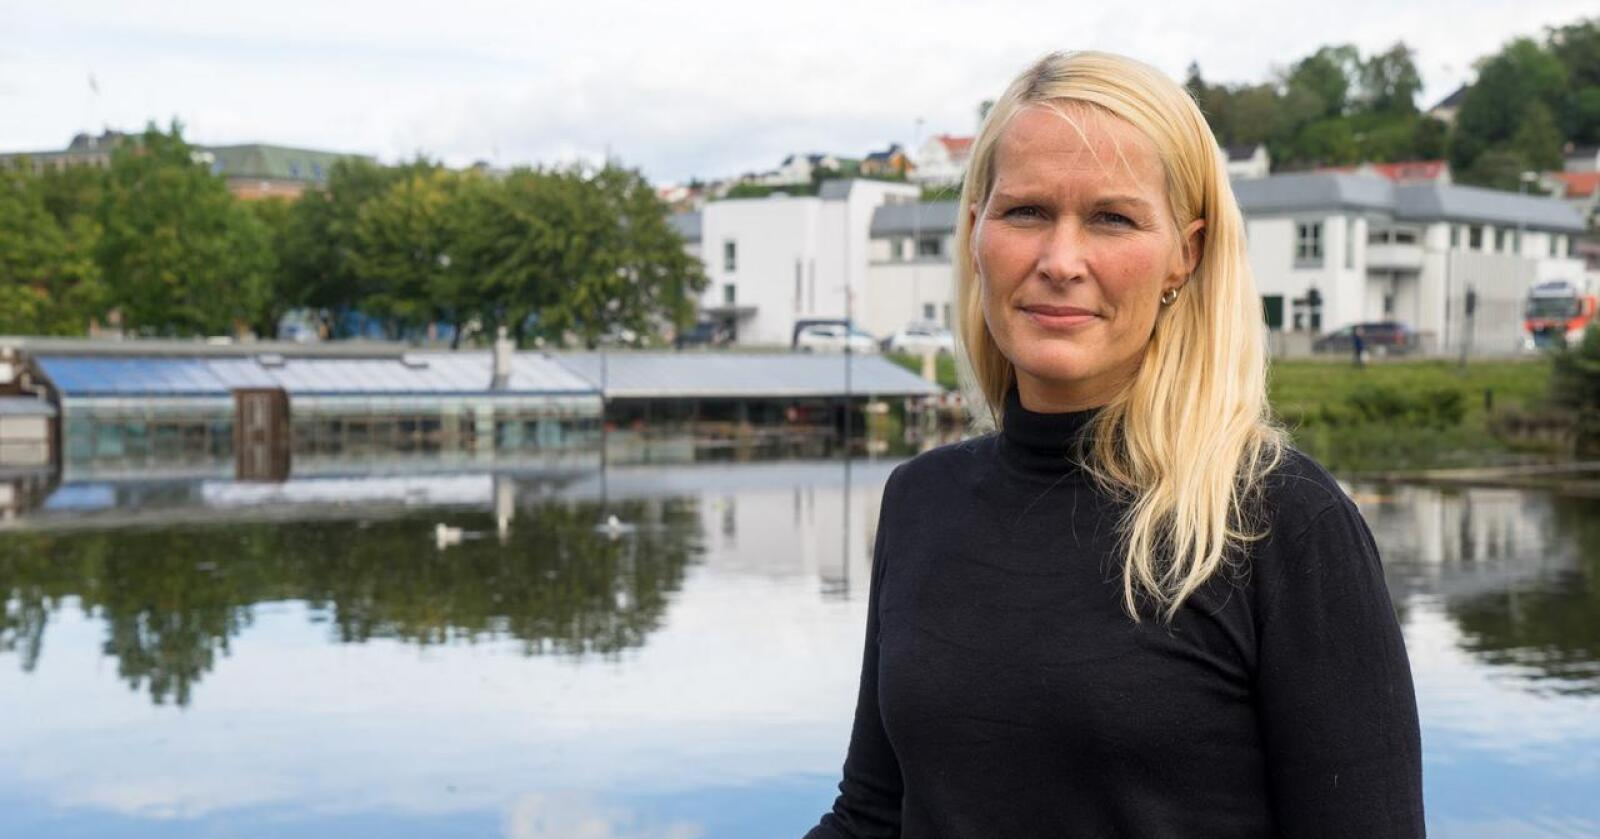 """Ap-ordfører Hedda Foss Five er """"livredd"""" for at regjeringens rusreformen senker terskelen for at unge tør å teste ute og oppbevare tunge, narkotika stoffer. Foto: Jill Johannessen"""